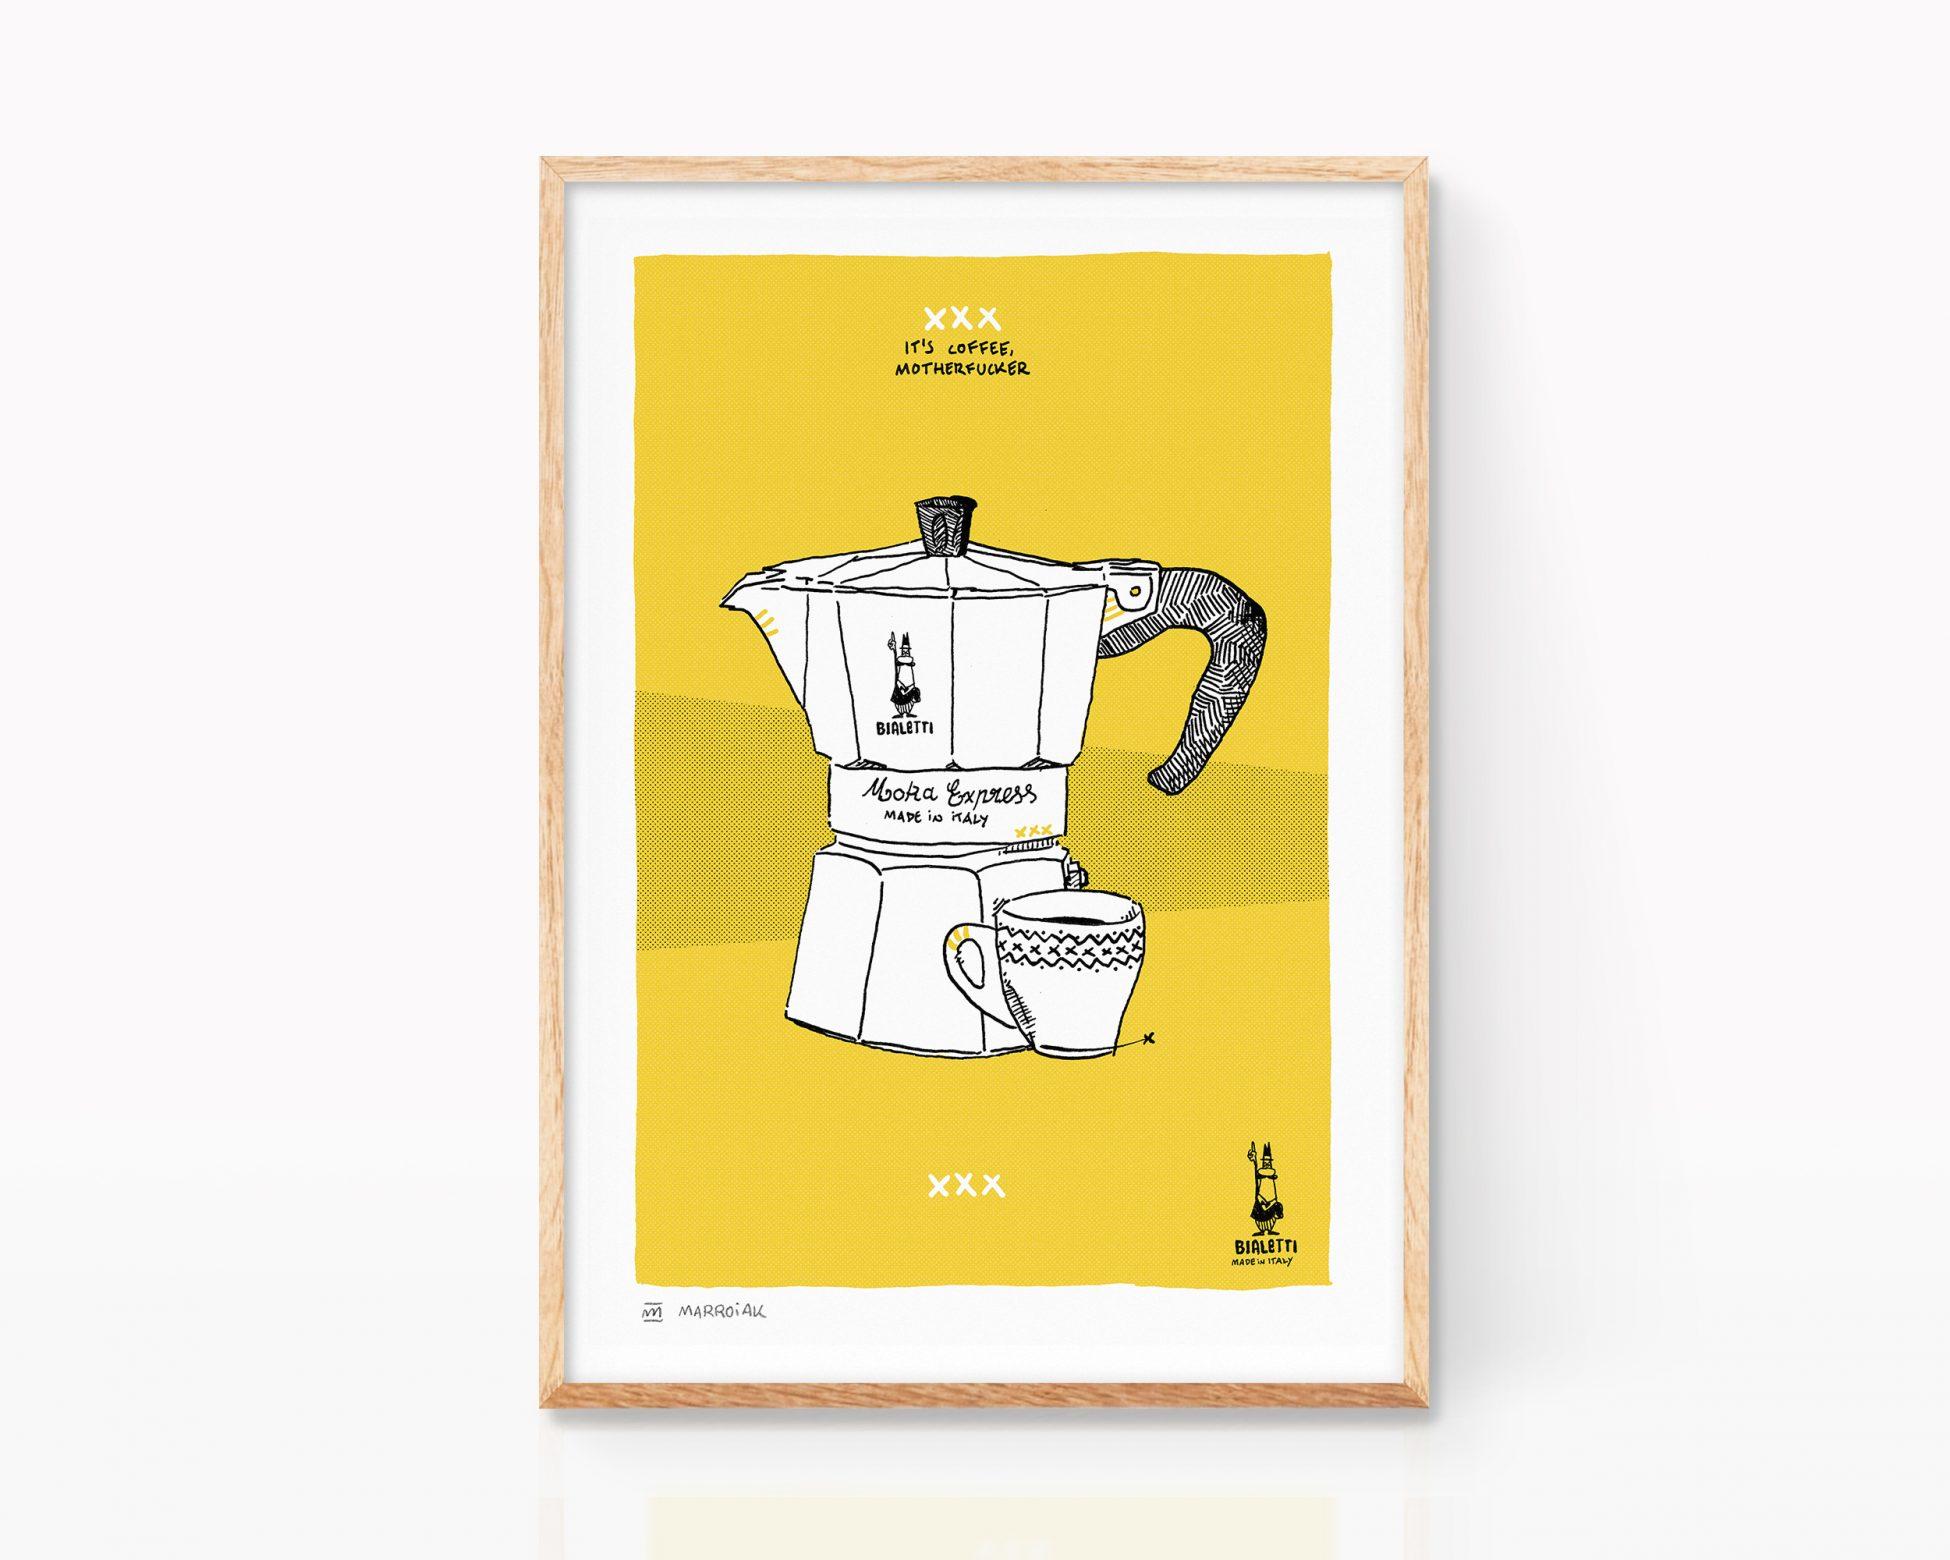 Lámina decorativa para cocina con una ilustración de una cafetera italiana vintage Bialetti. Cuadros para enmarcar con motivo nórdico. Dibujos para comprar online.